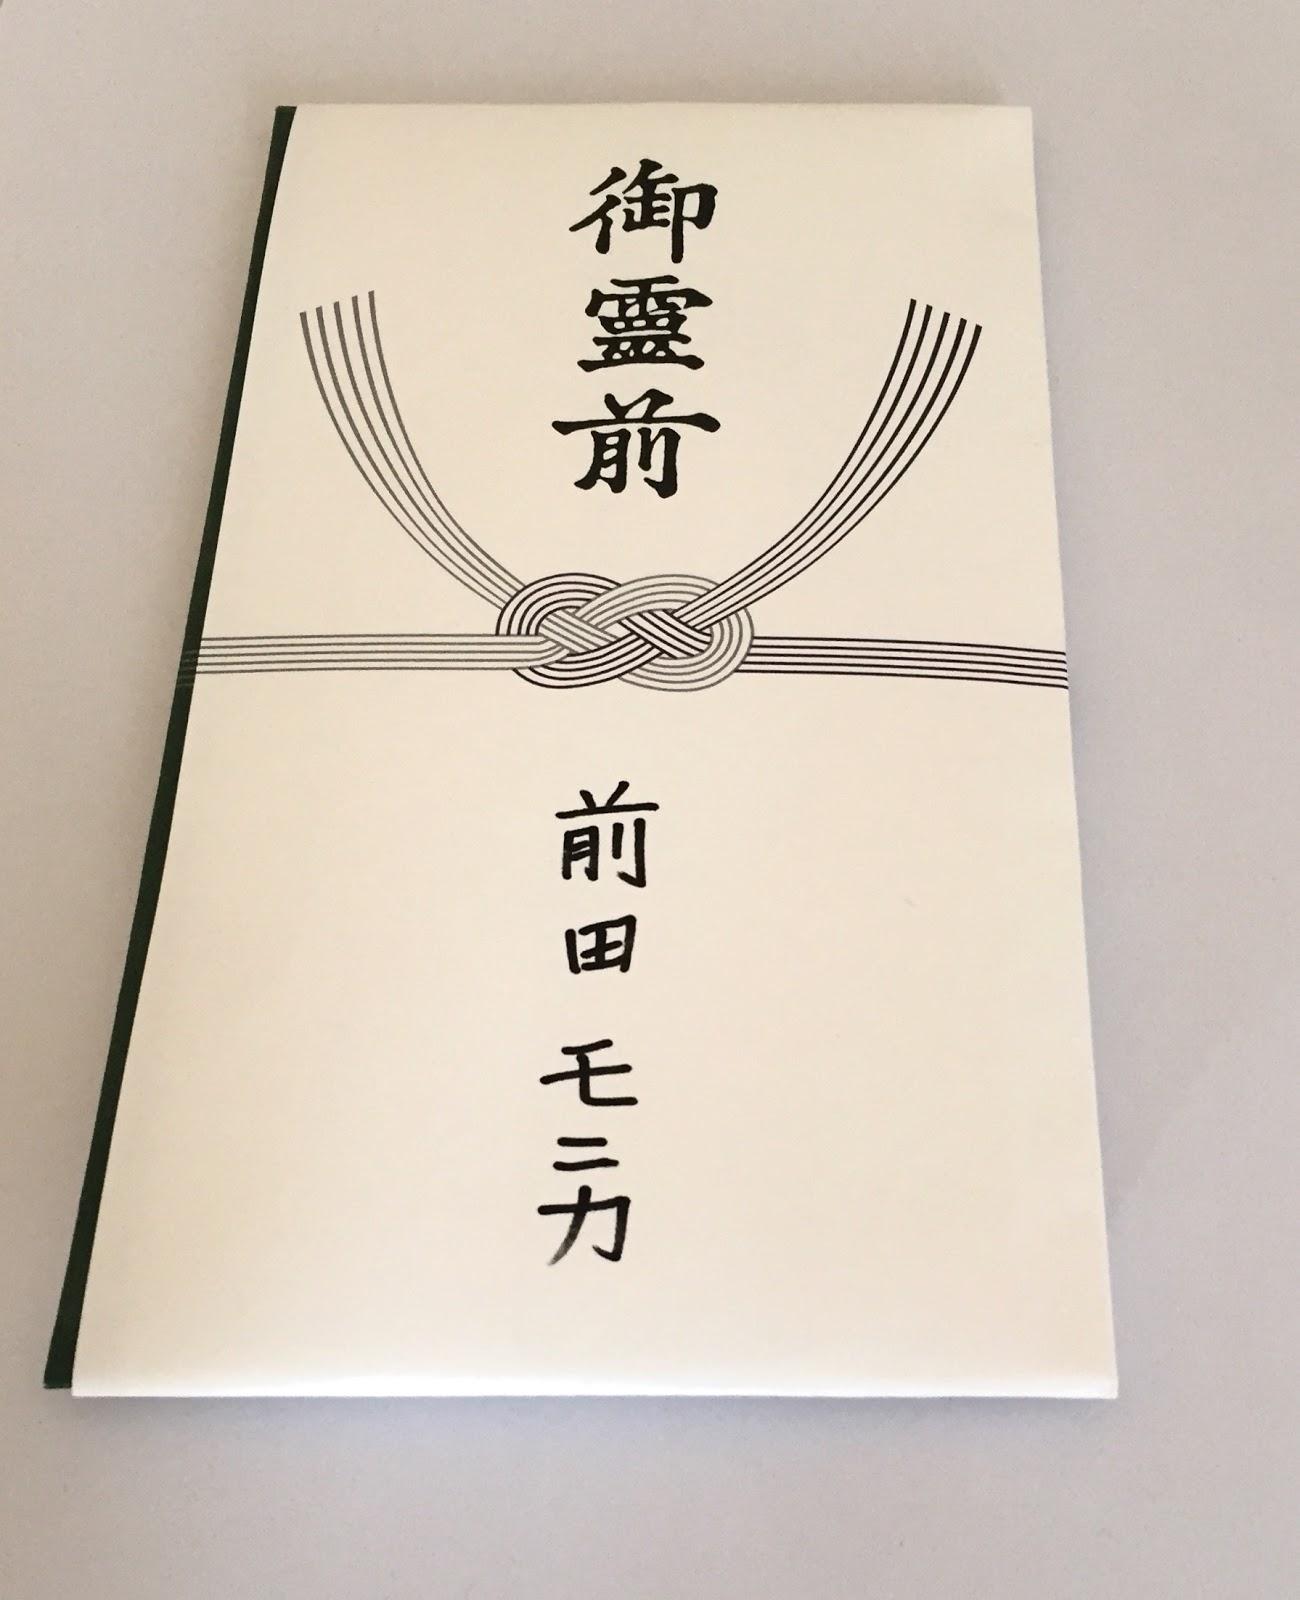 enfeites japoneses para jardim:Envelope para doação em velório japonês/ kouden bukuro